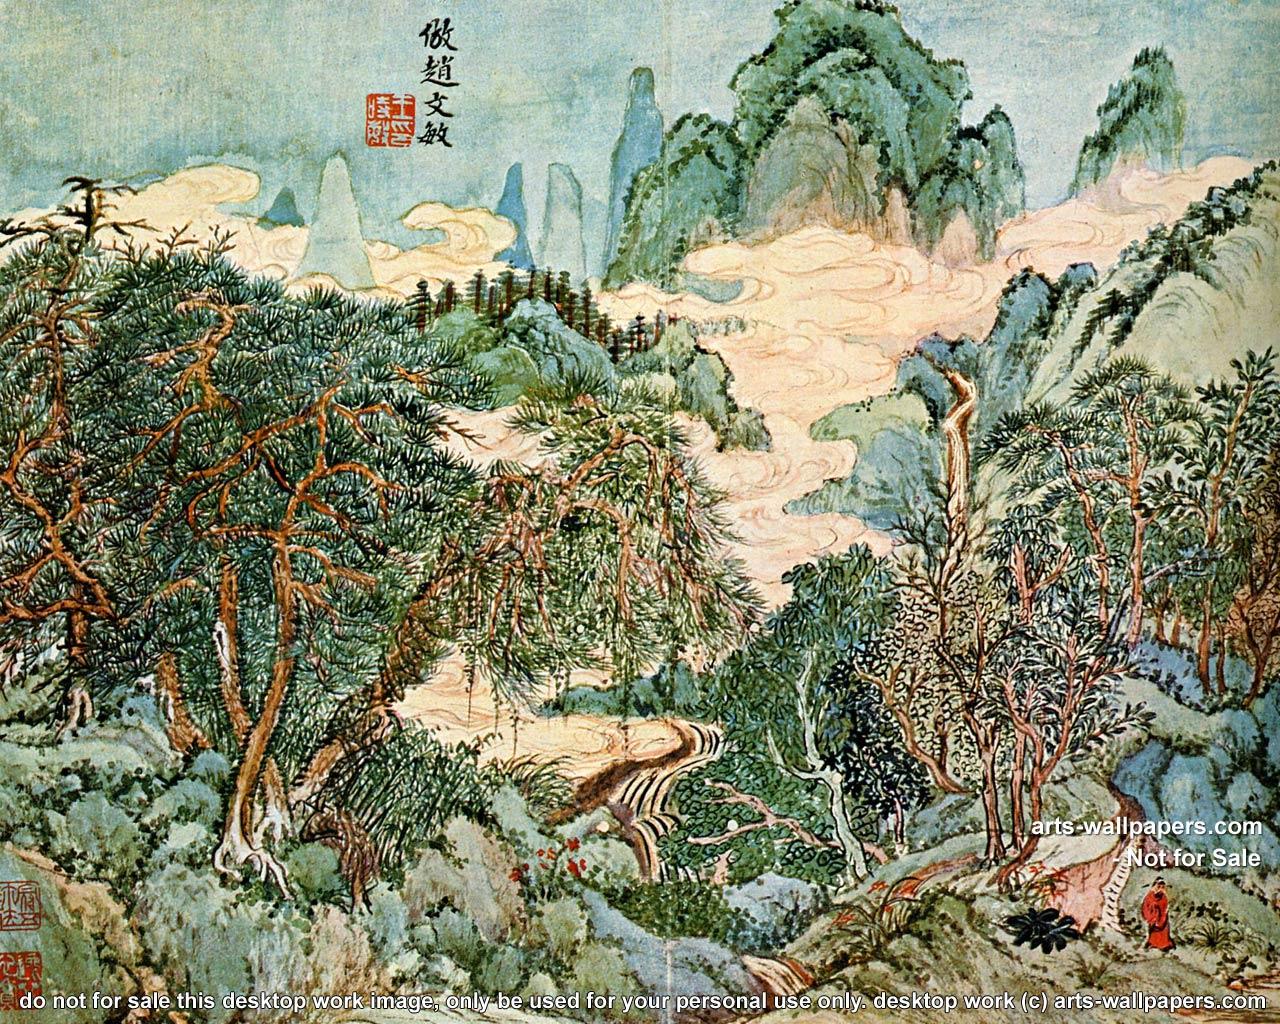 Desktop Wallpaper Chinese Art - WallpaperSafari